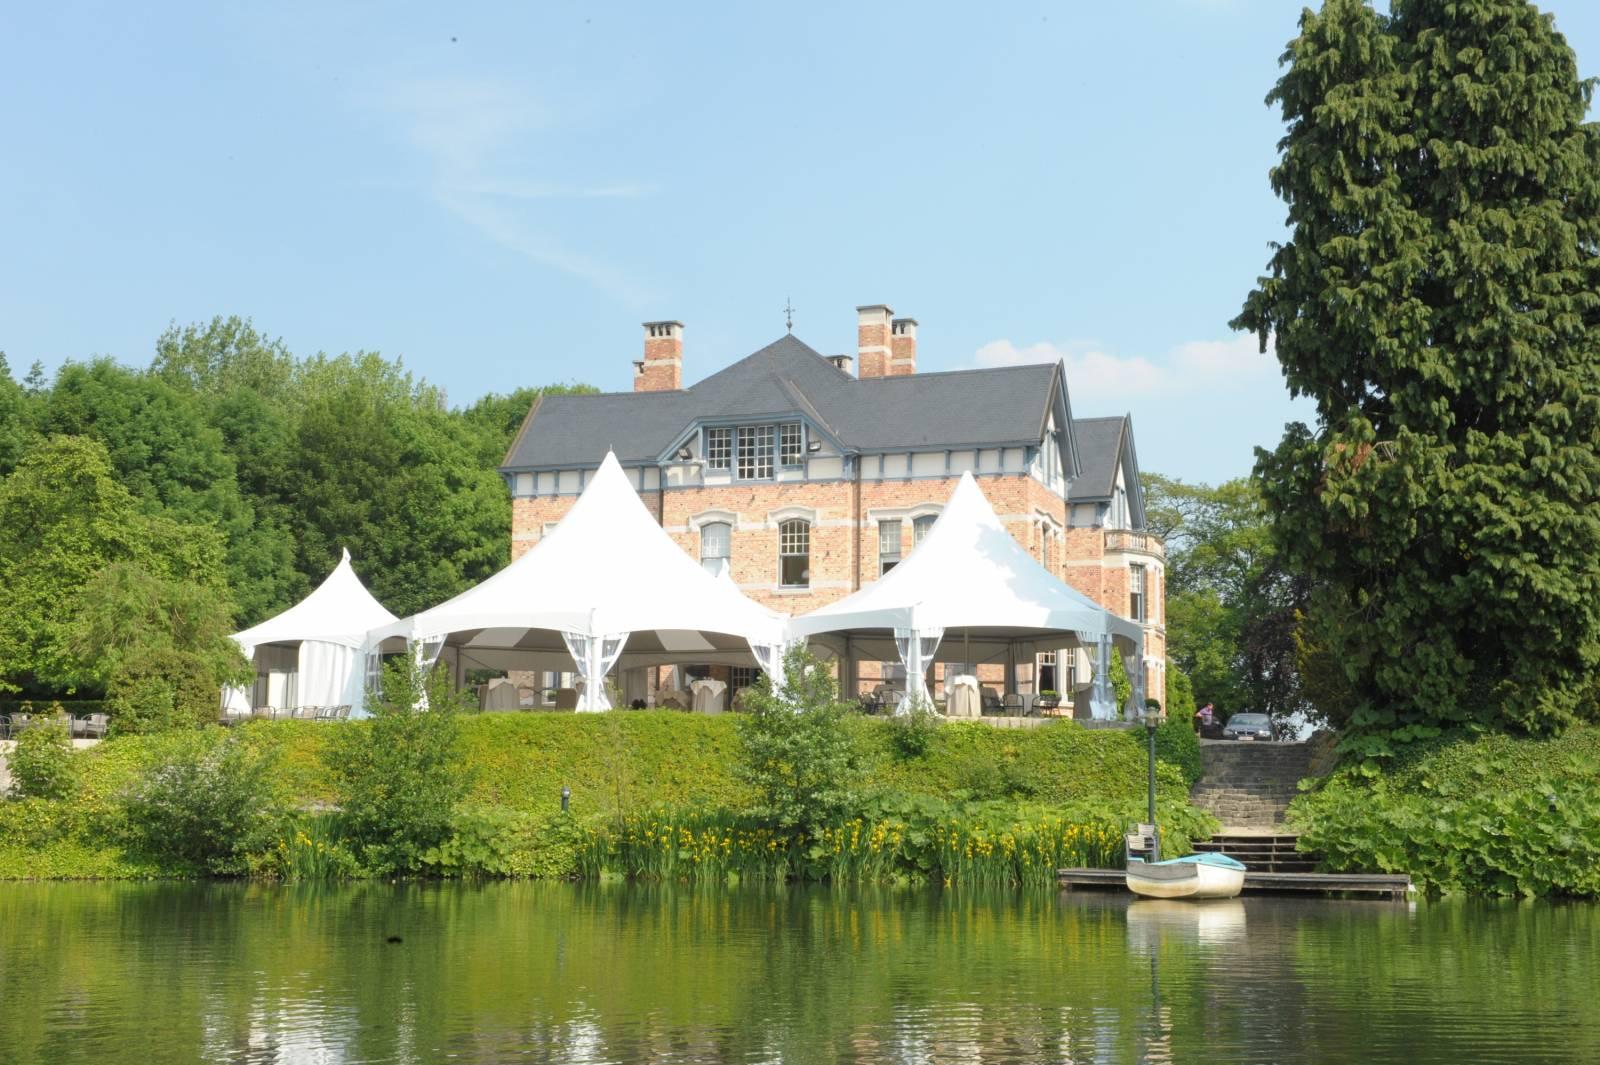 Domein Saint-Hubert - House of Weddings - Feestzaal Oost-Vlaanderen - Ronse - huwelijk - ceremonie cateri (25)